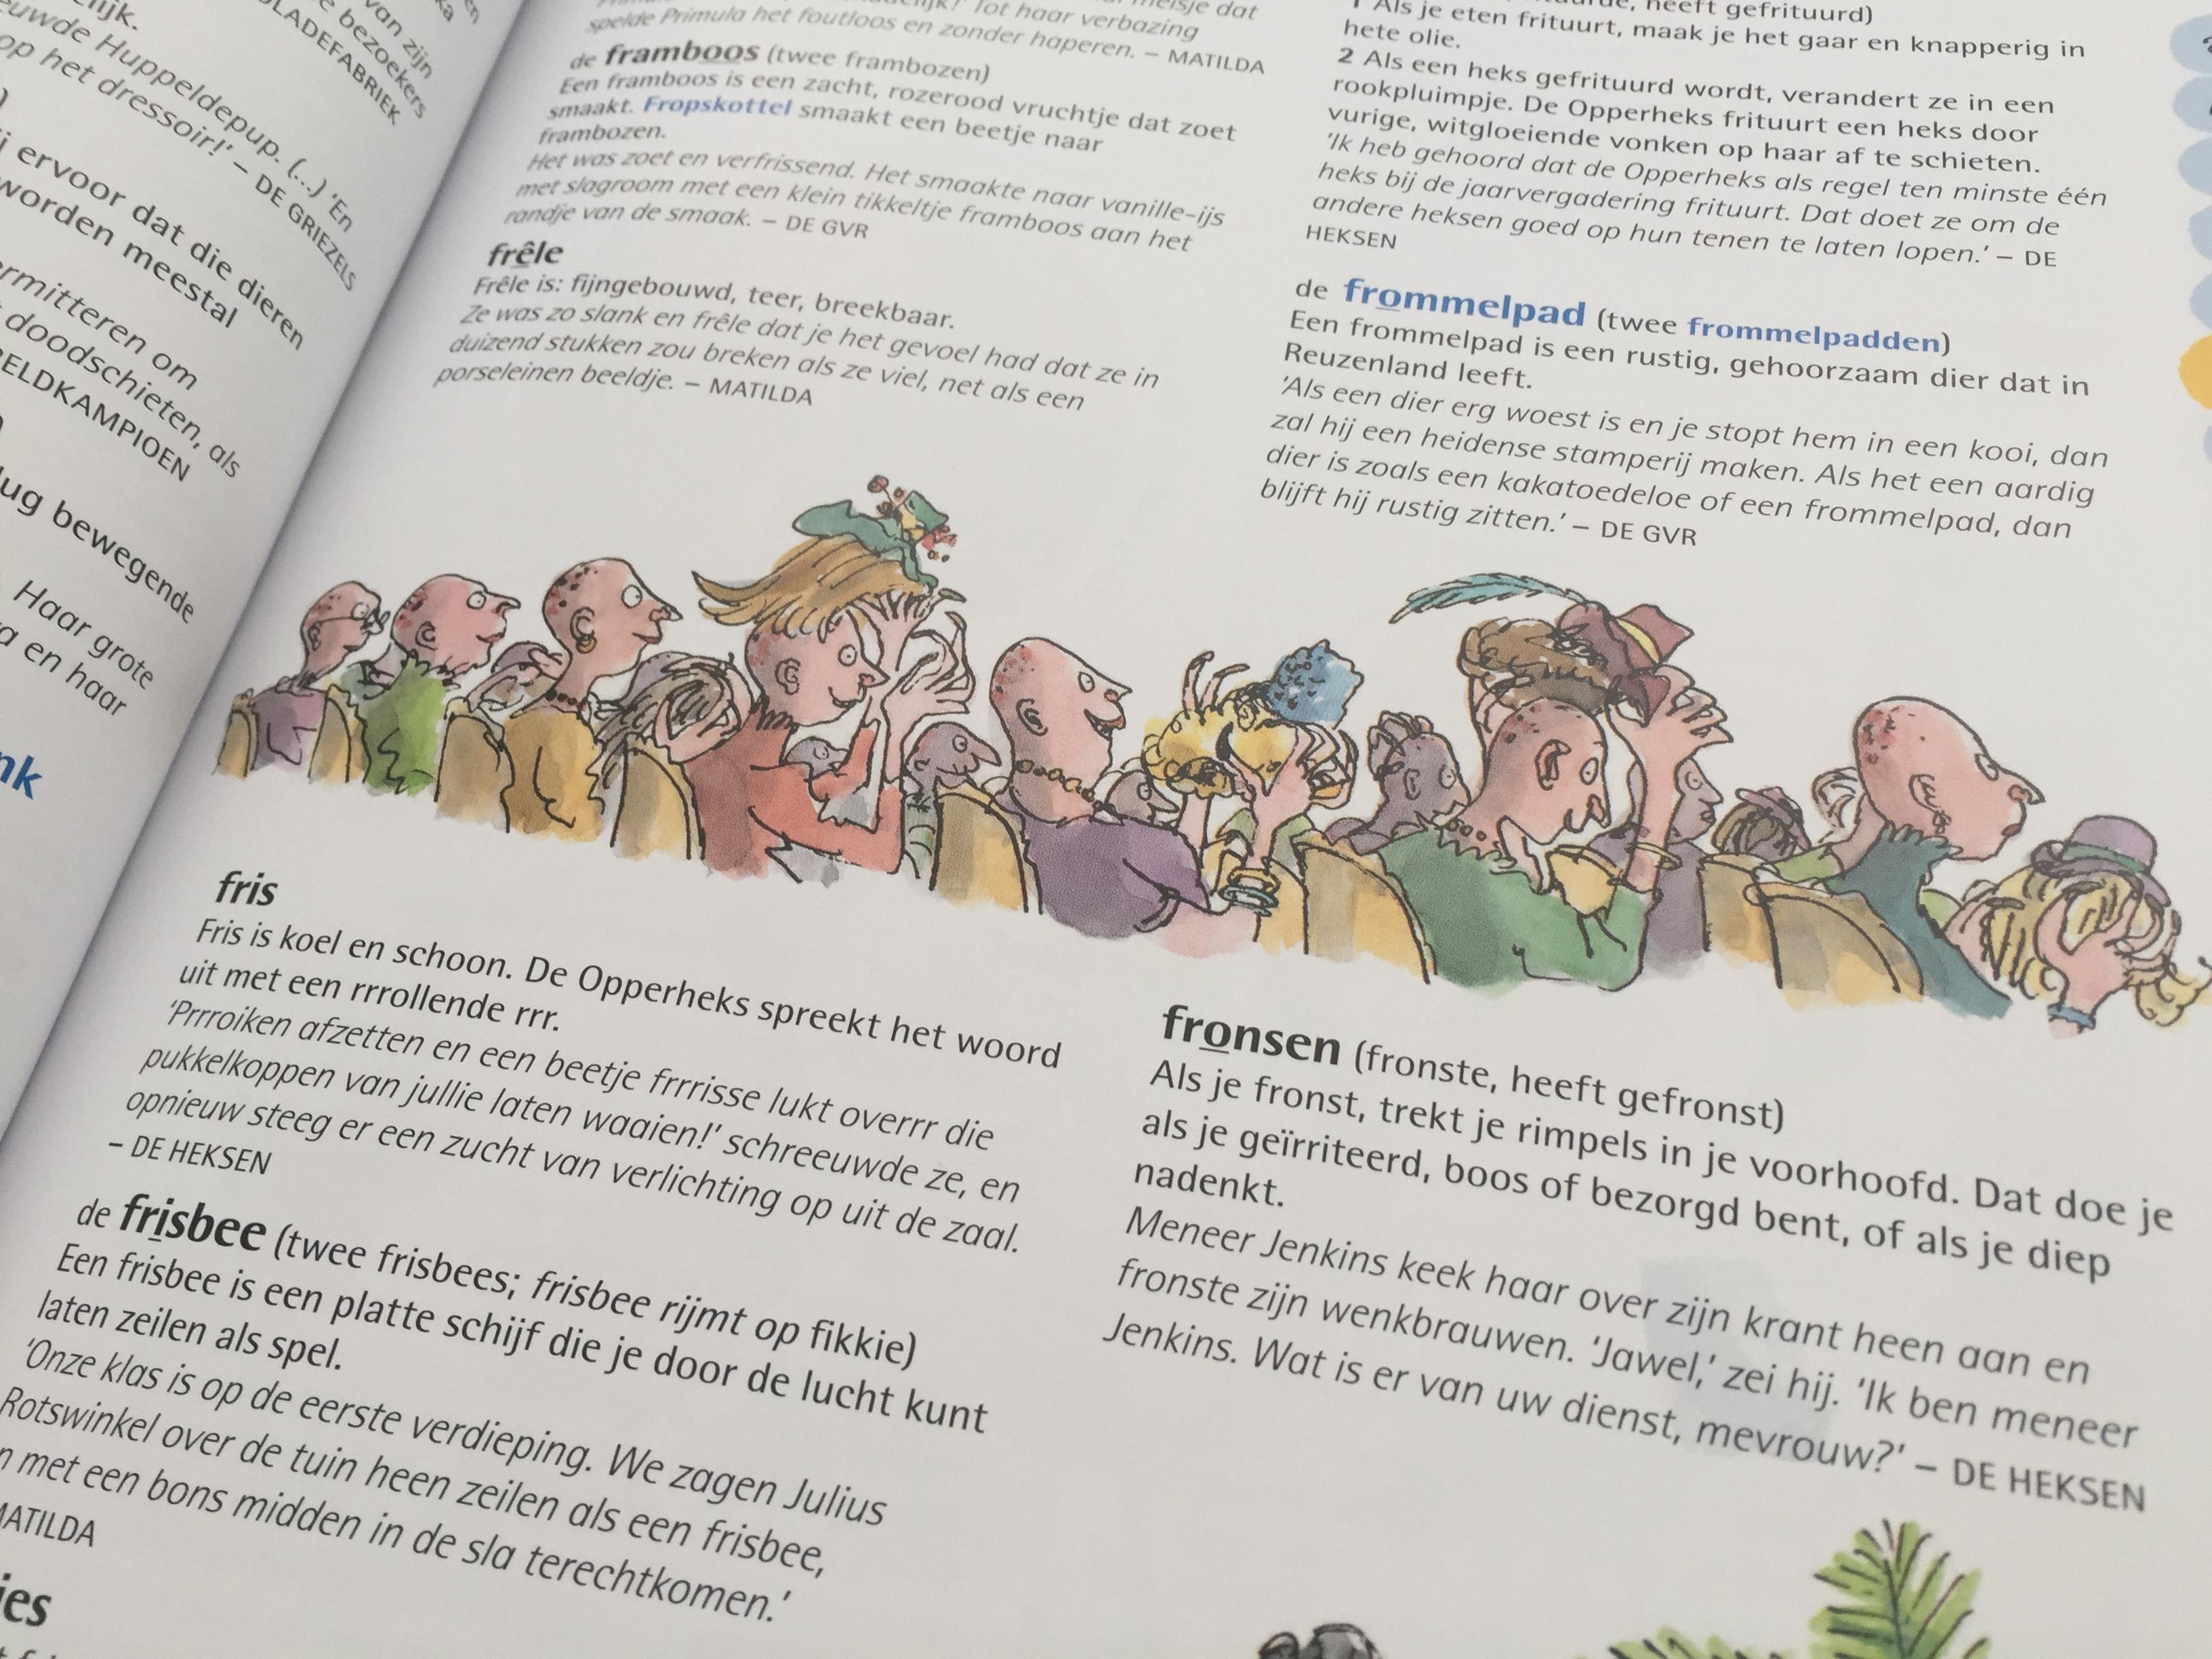 Recensie Roald Dahl woordenboek